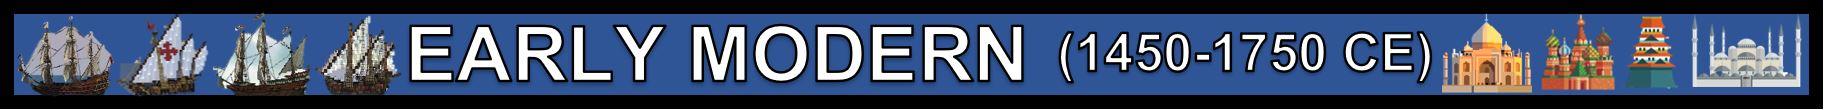 EARLY MODERN BANNER FOR NEW FREEMANPEDIA 2019.JPG